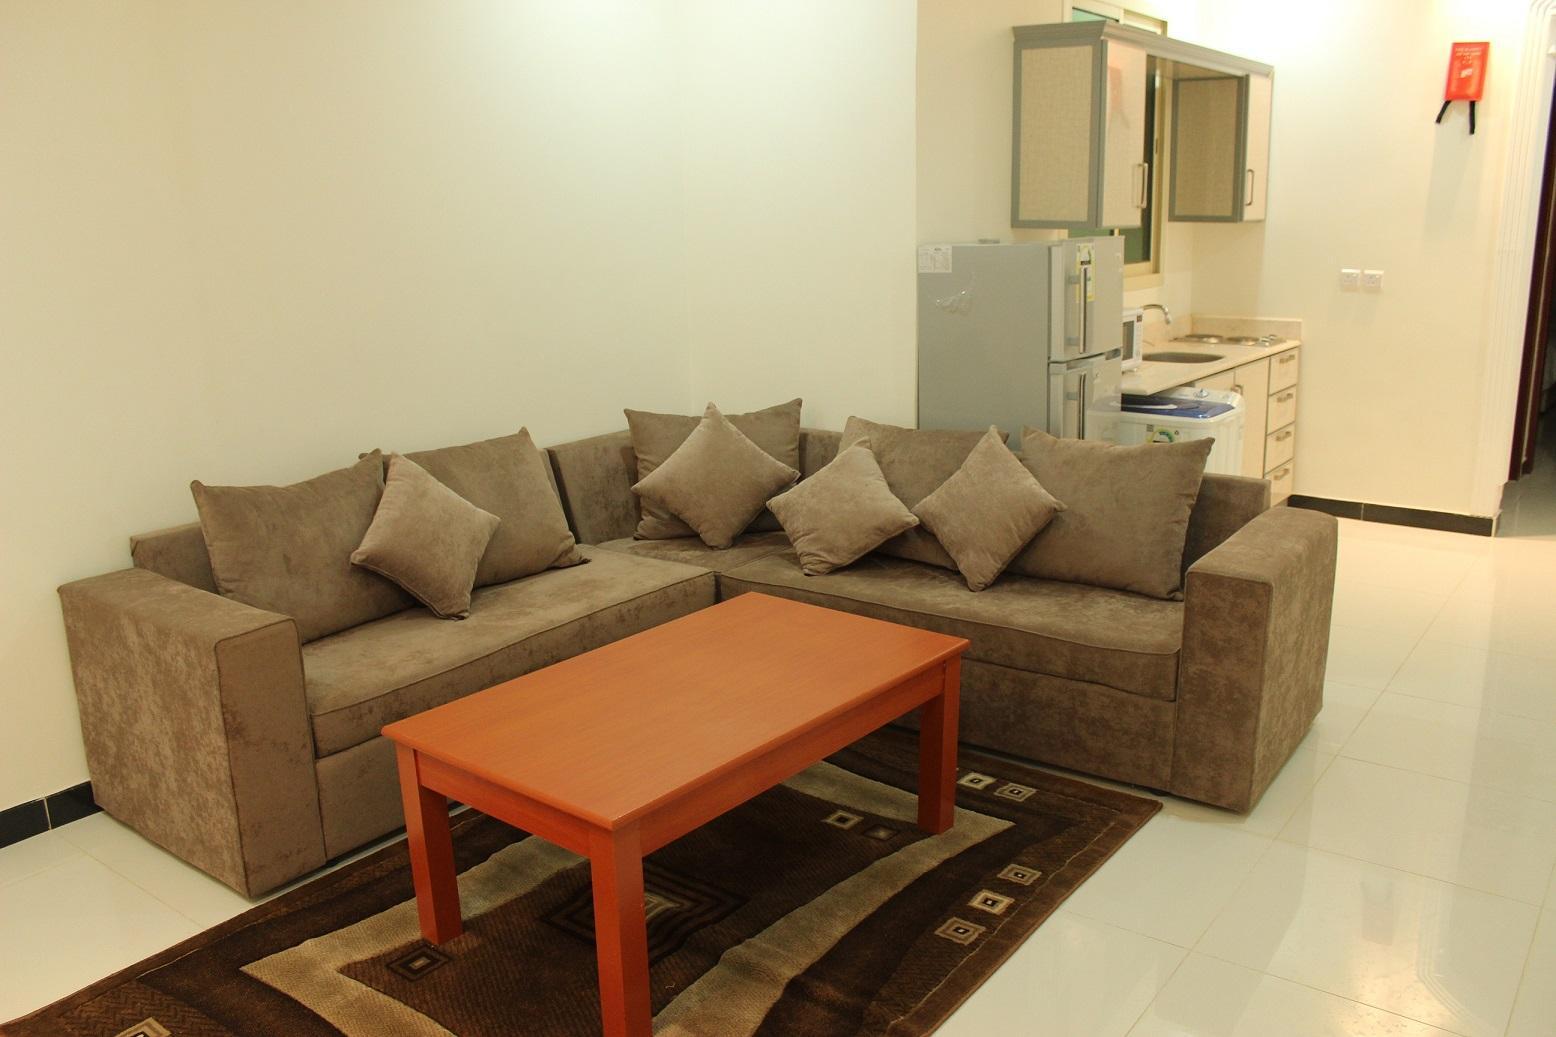 شقق أجمل مساء وحدات سكنية مفروشة الرياض 0114443919 634048240.jpg